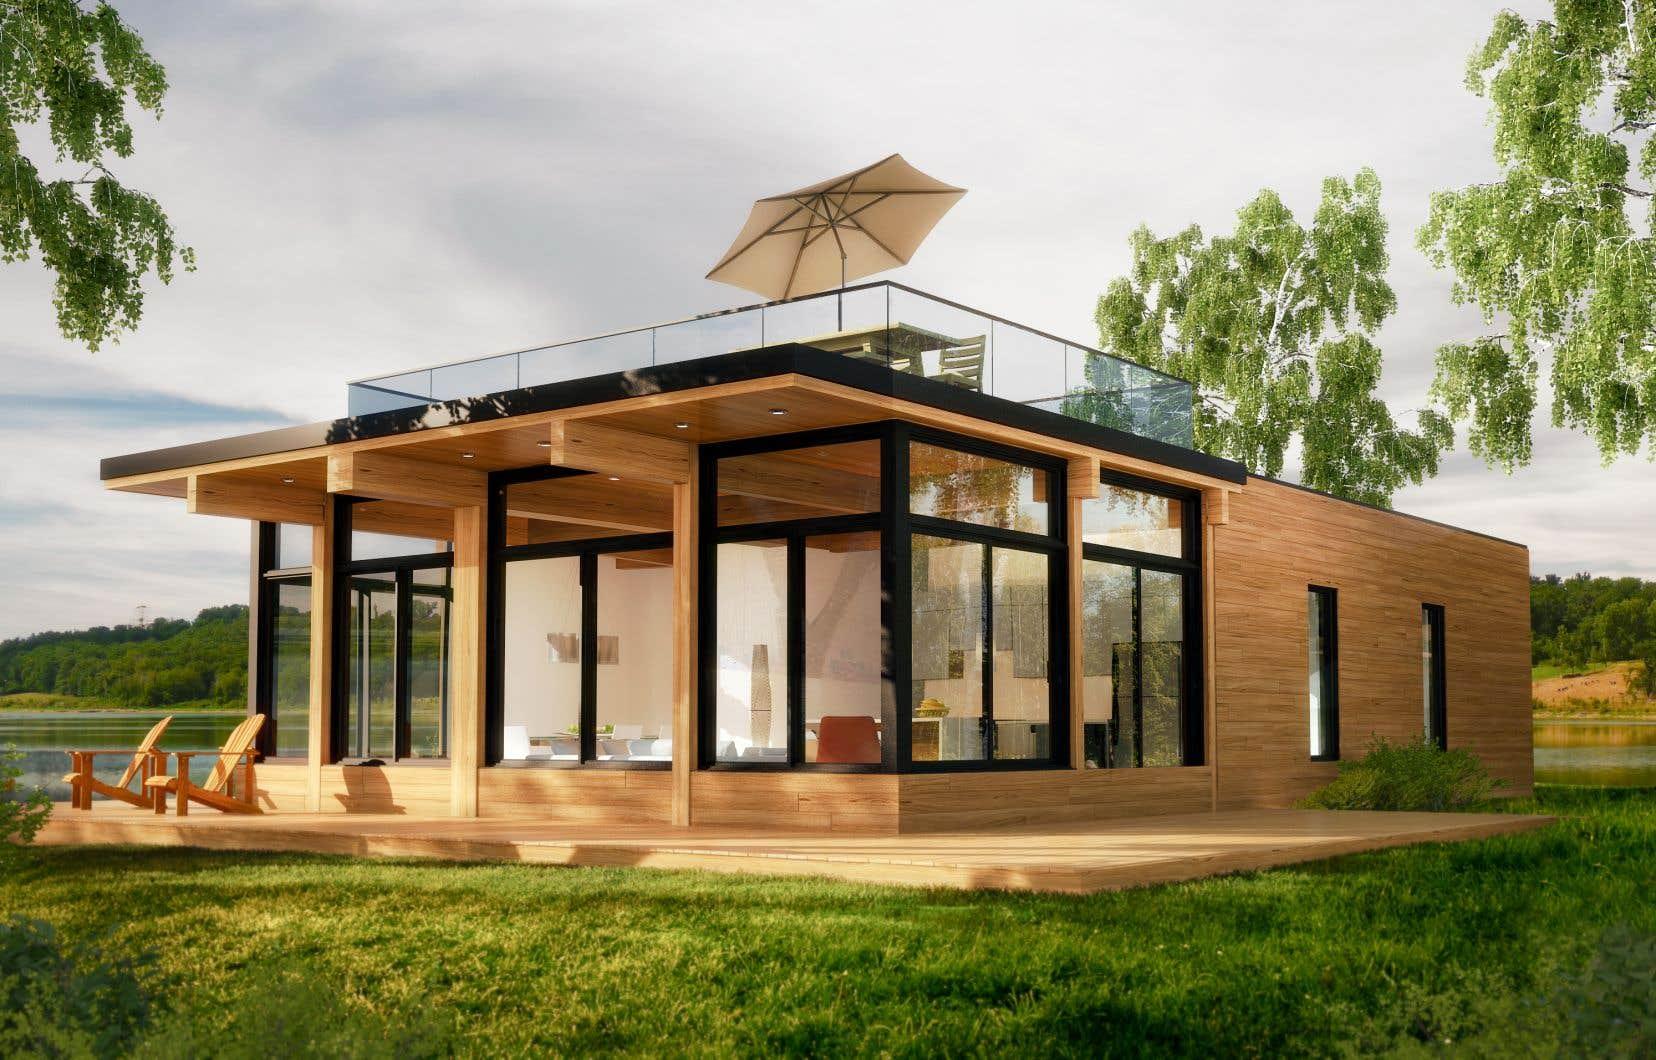 La Micro-Natur offre un espace habitablede basede 1008 pieds carrés, ce qui en fait leMicro-Loft<sup>MC</sup>le plus spacieux de sa catégorie.